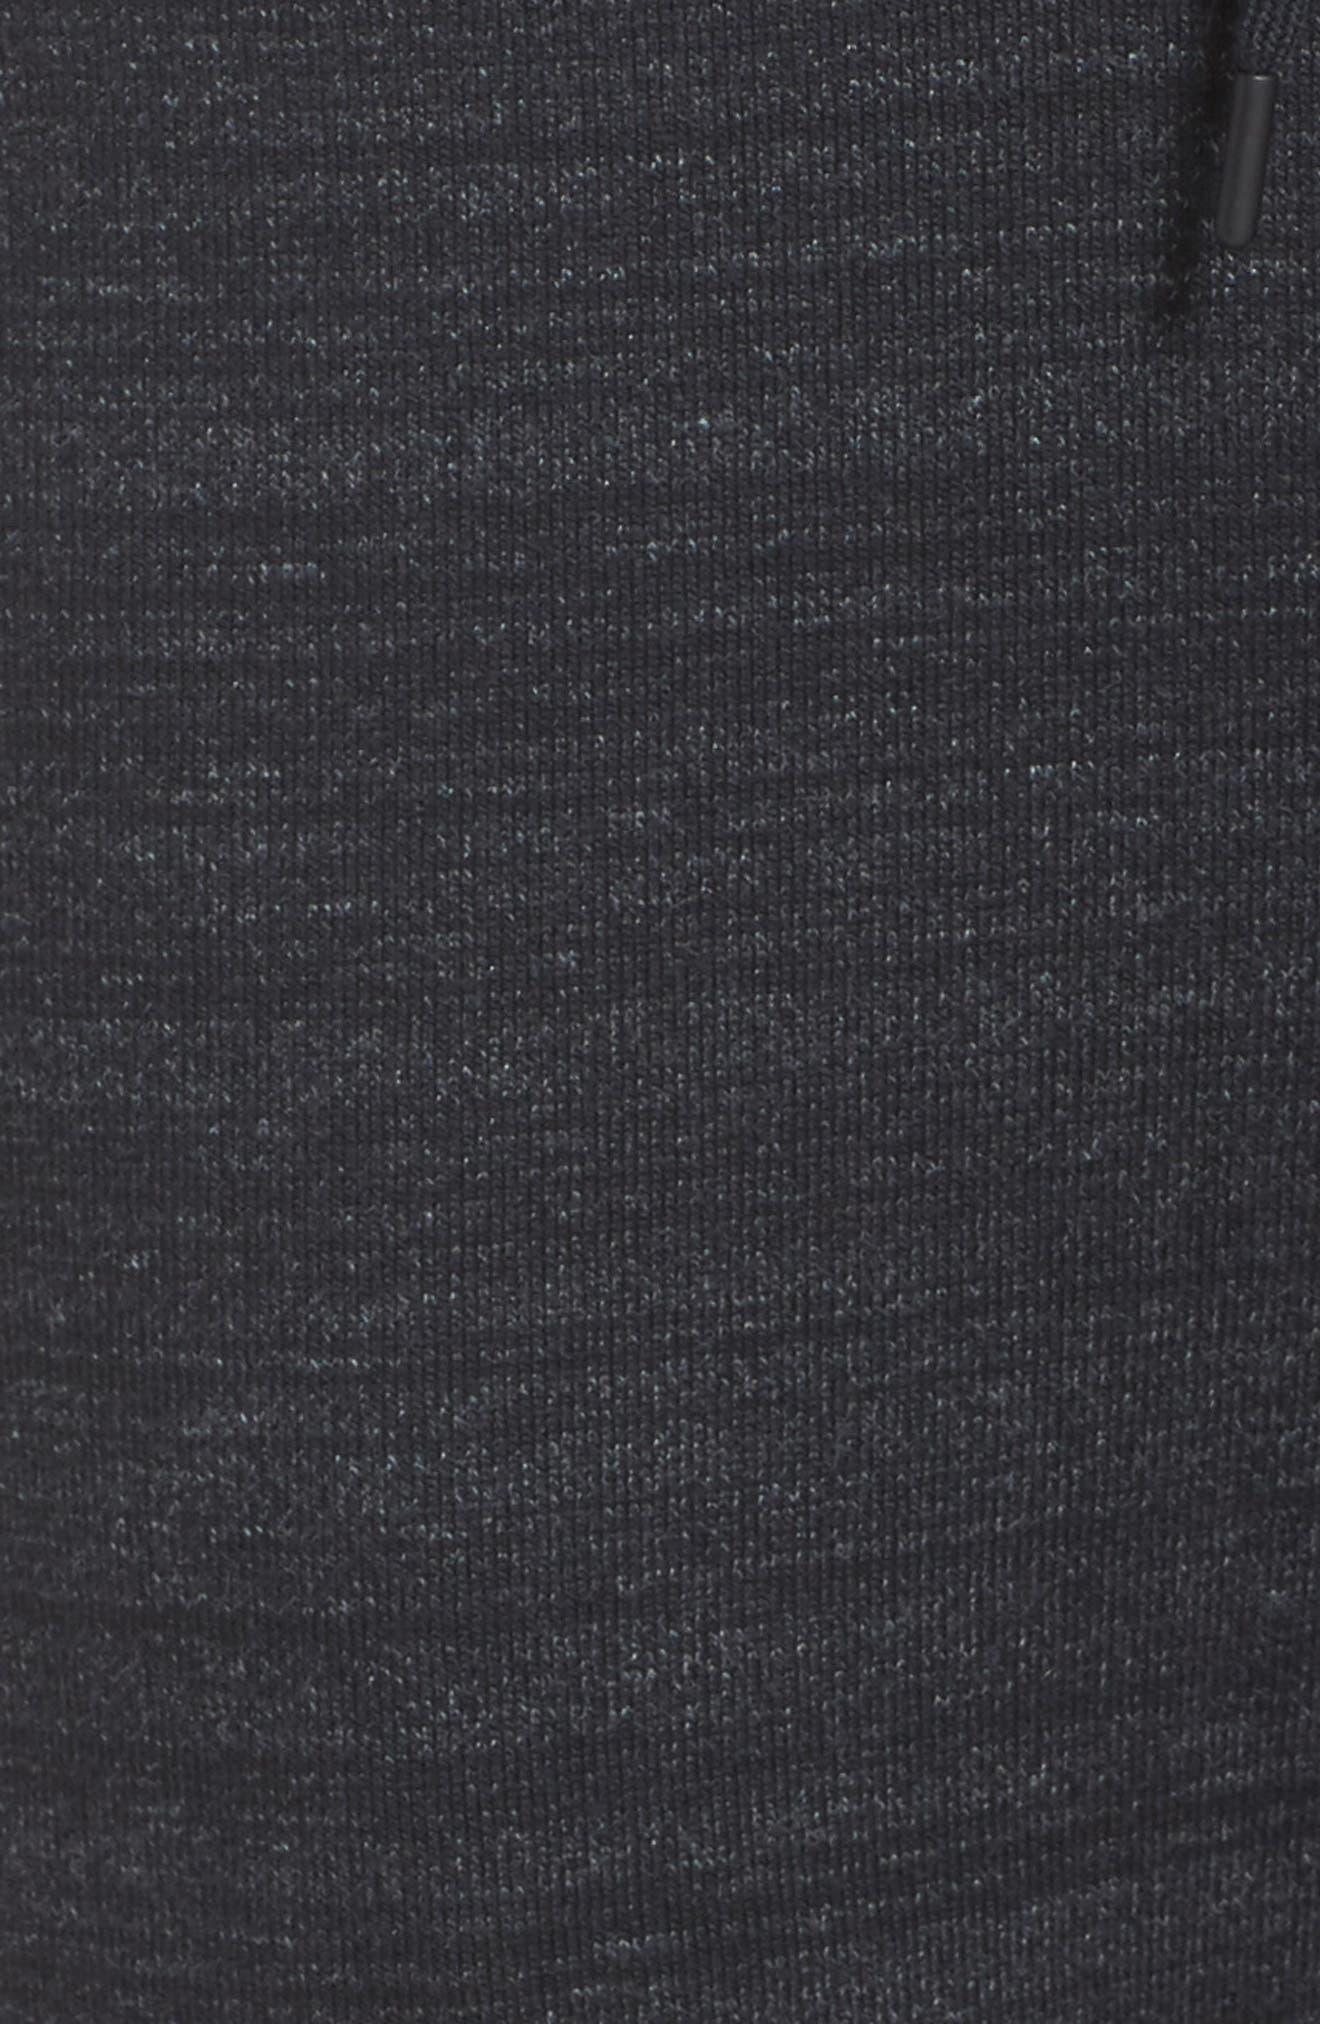 AV15 Jogger Pants,                             Alternate thumbnail 6, color,                             010